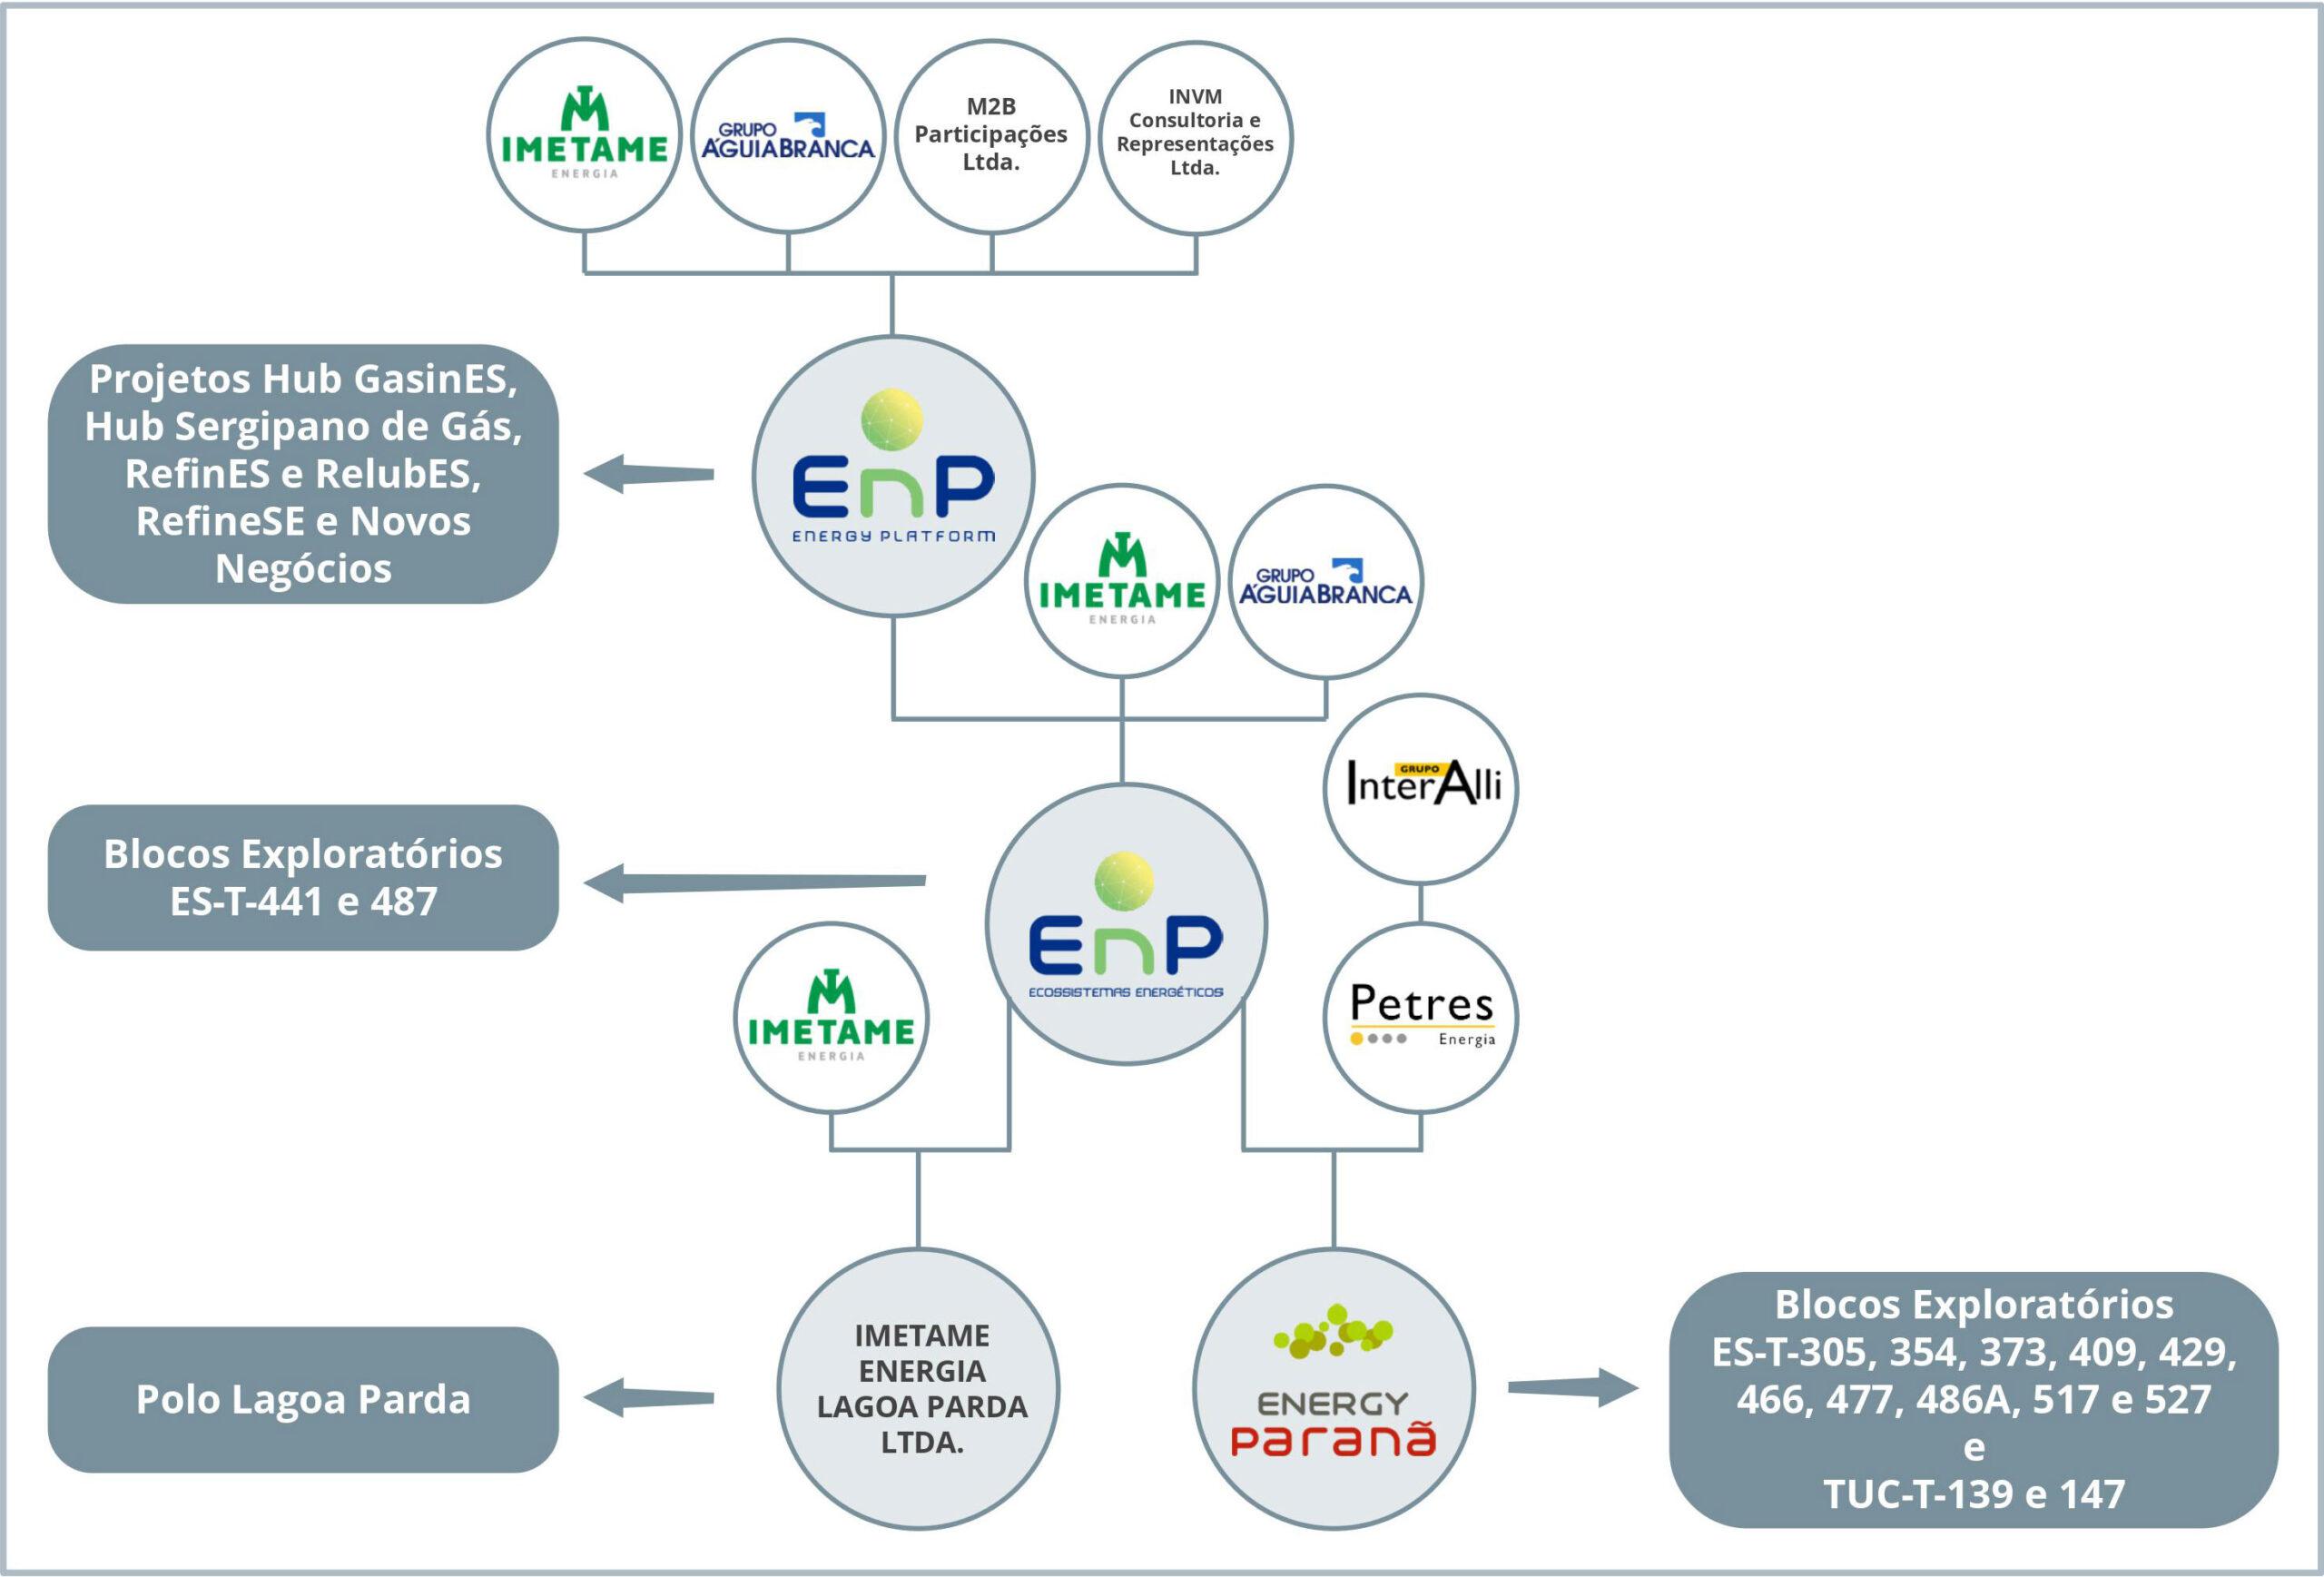 Organograma do Grupo EnP